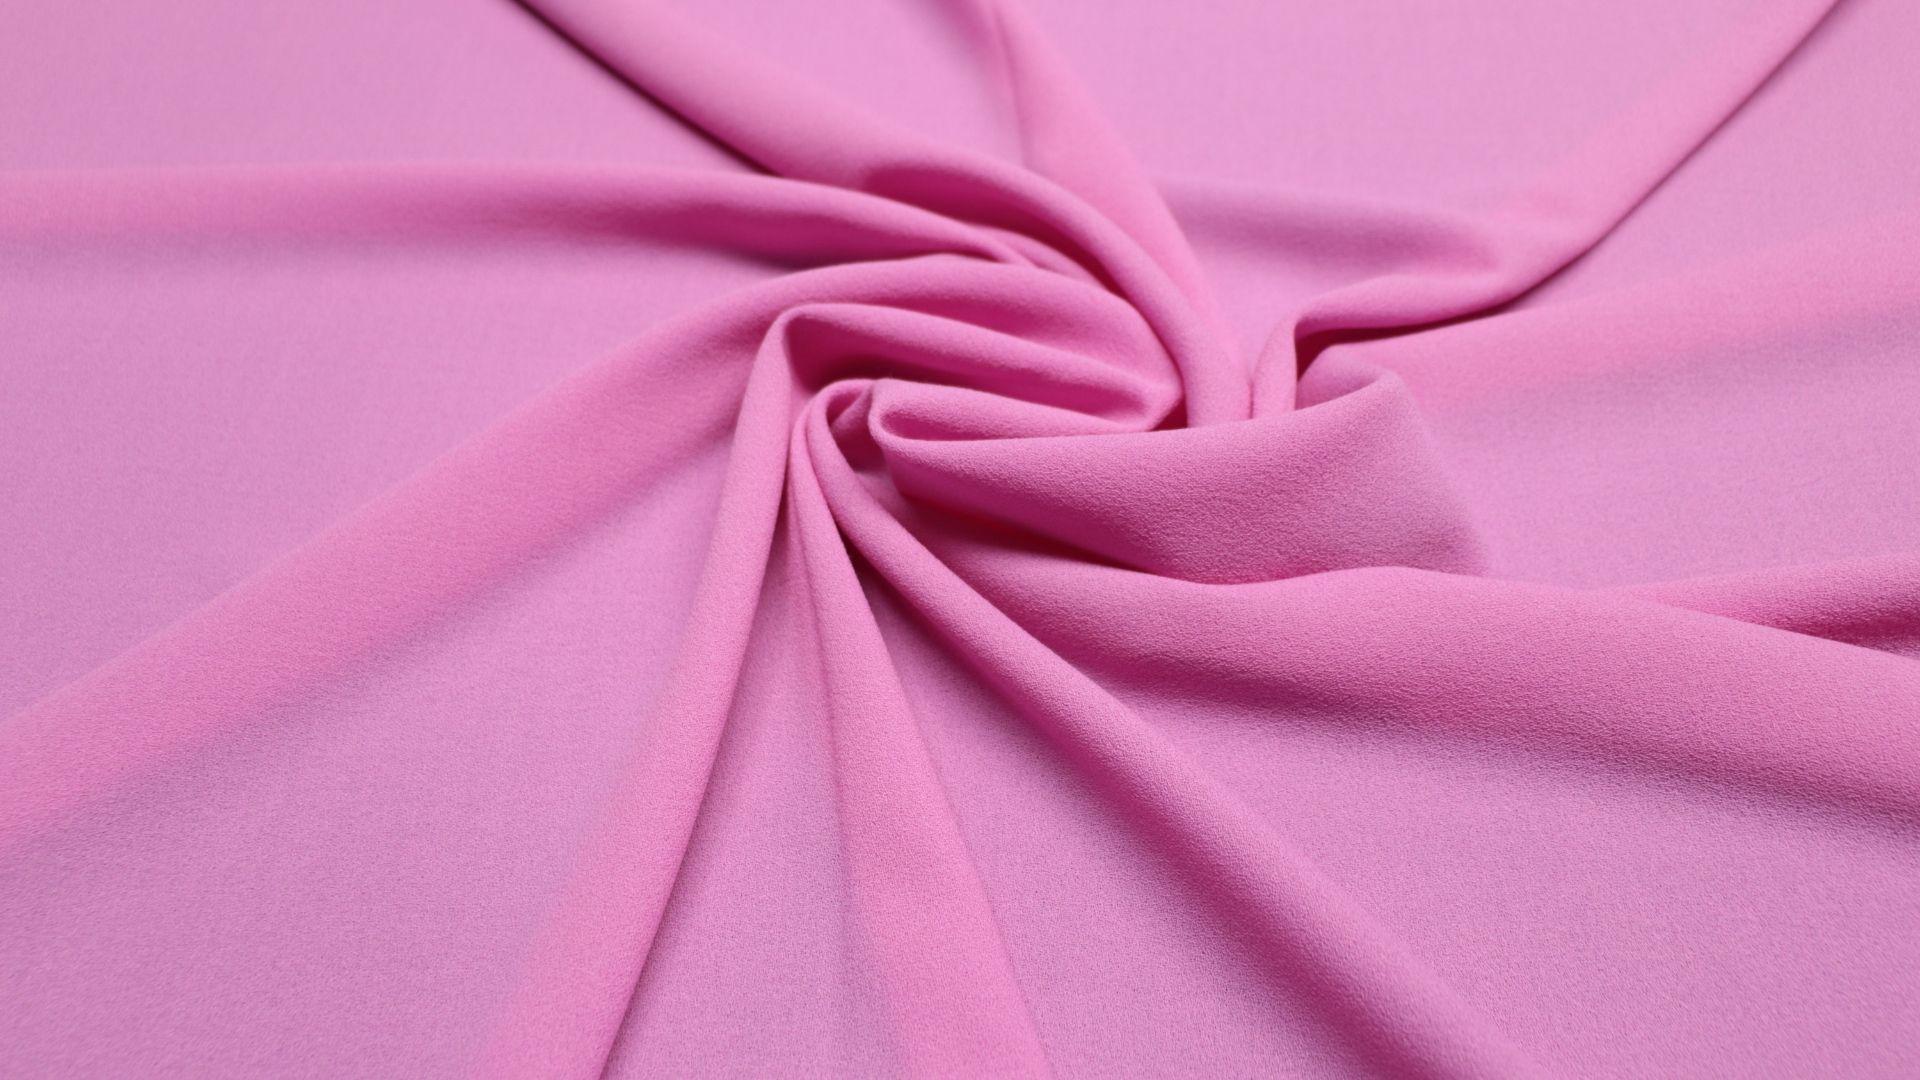 il particolare del tessuto crepe lana2824, appartenente alla categoria uniti seta, di Leadford & Logan